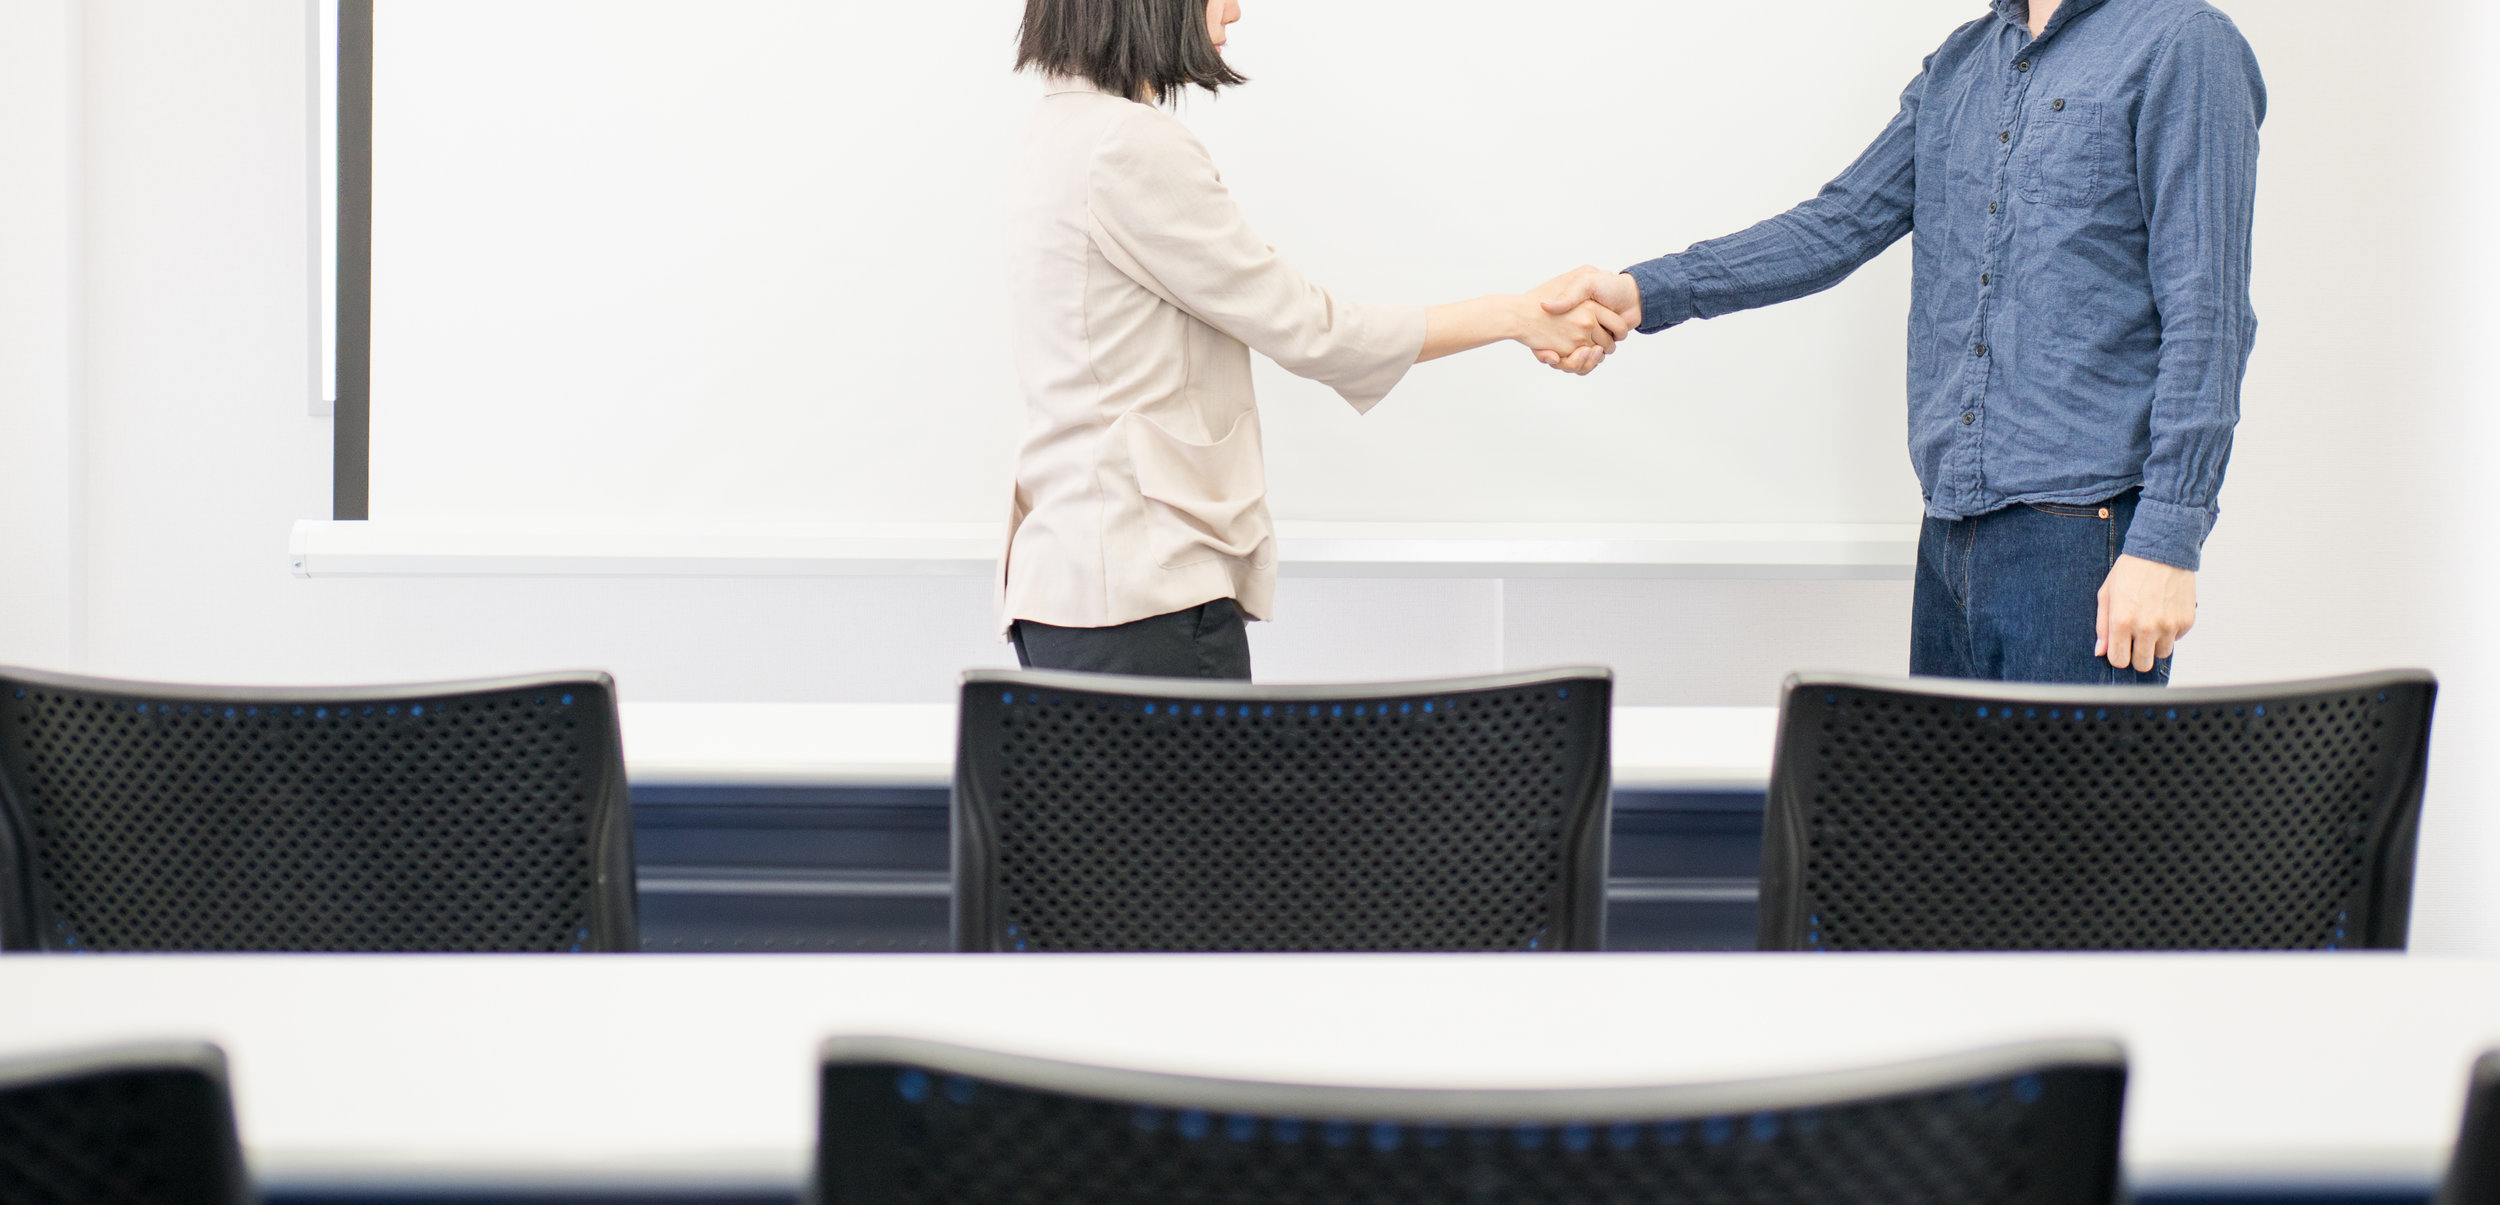 Schnelle Scheidung - – je weniger Rosenkrieg desto besser